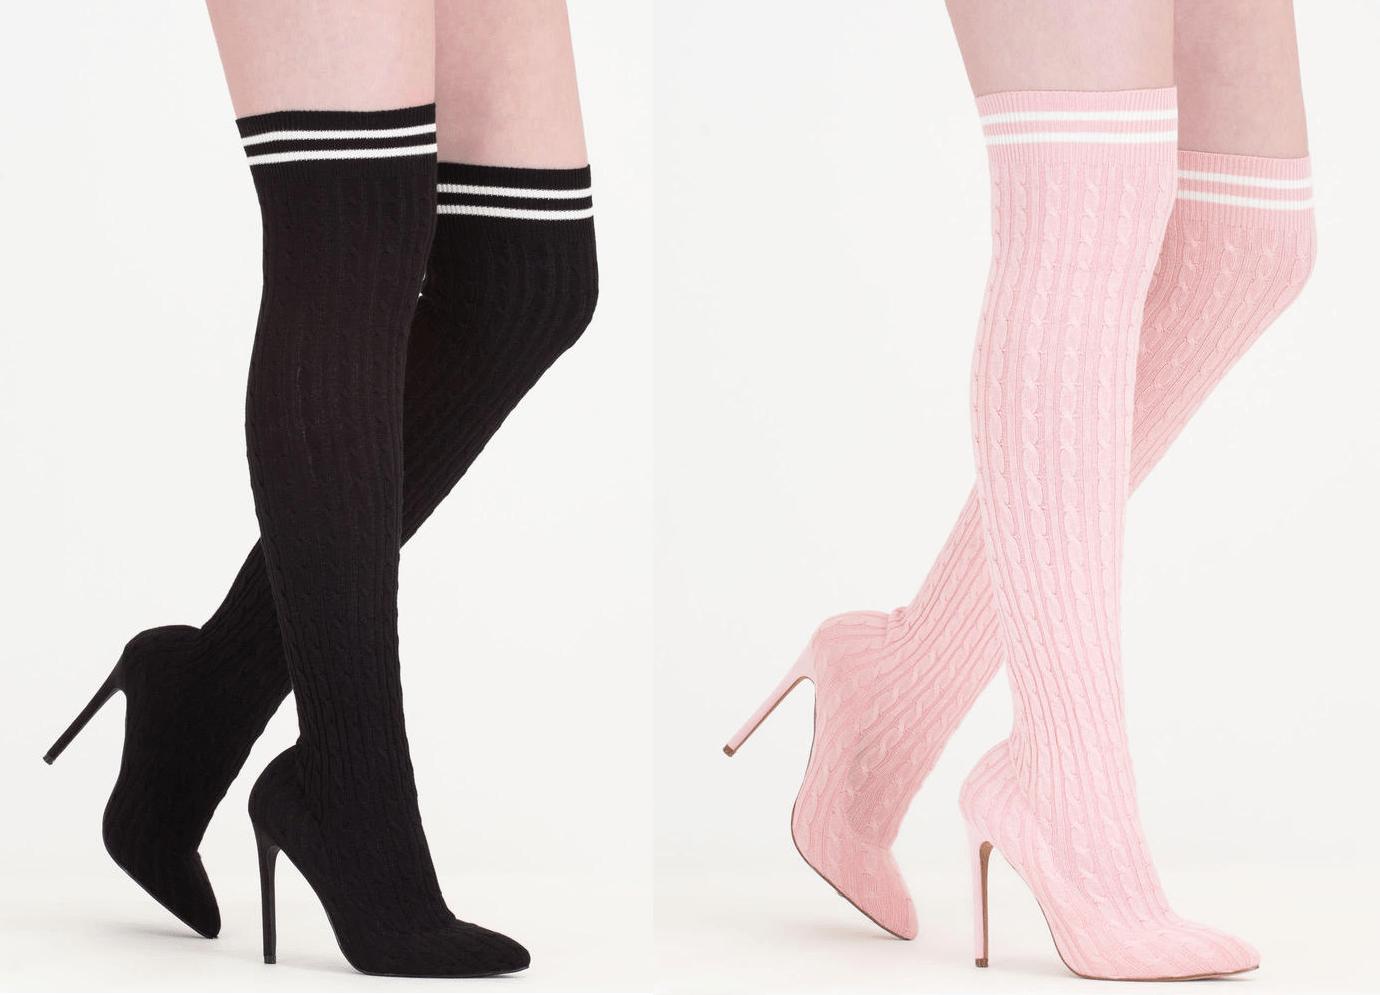 Trend Alert: Thigh High Boots